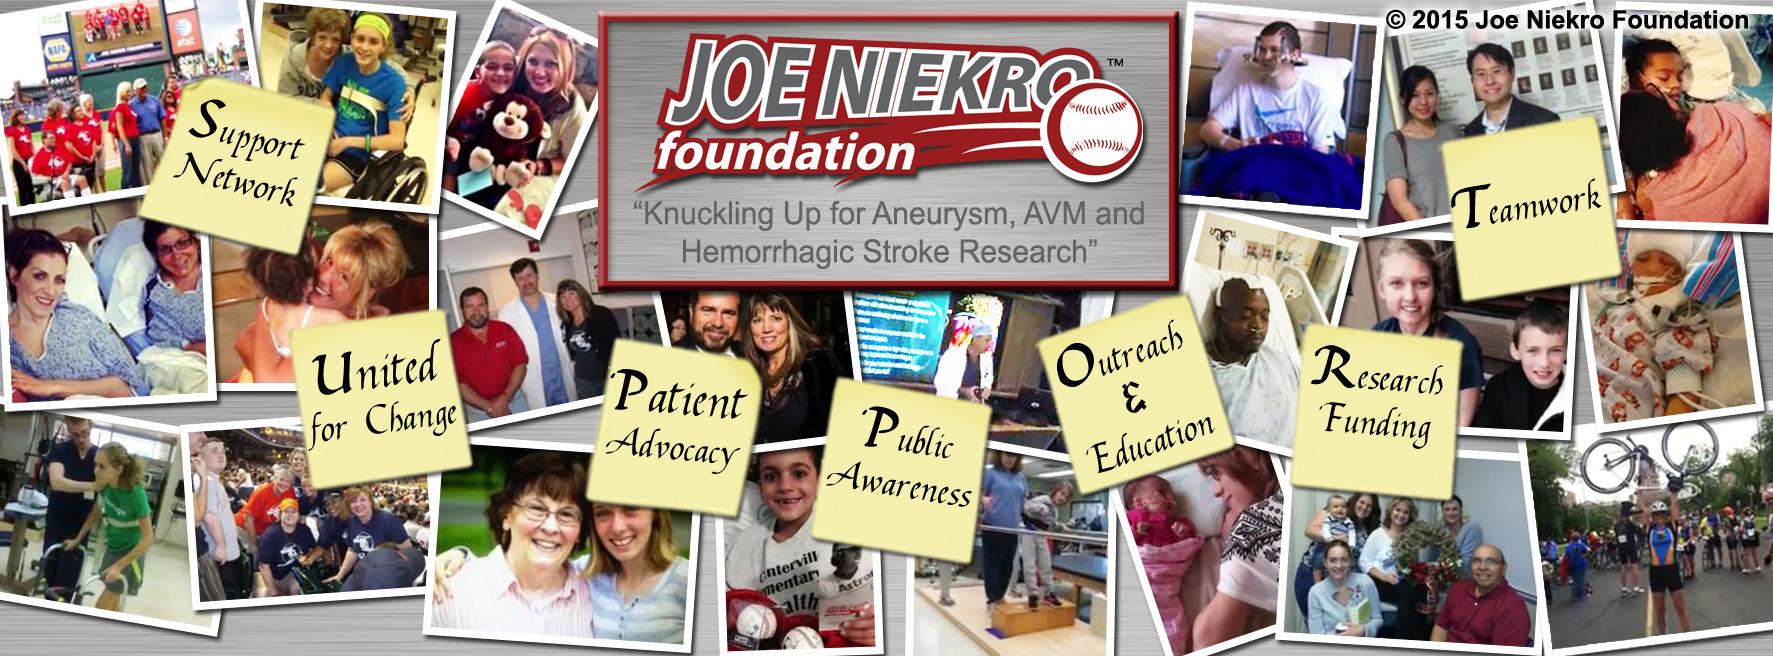 http://www.joeniekrofoundation.com/home-billboards/2631/attachment/survivor-banner-tm/